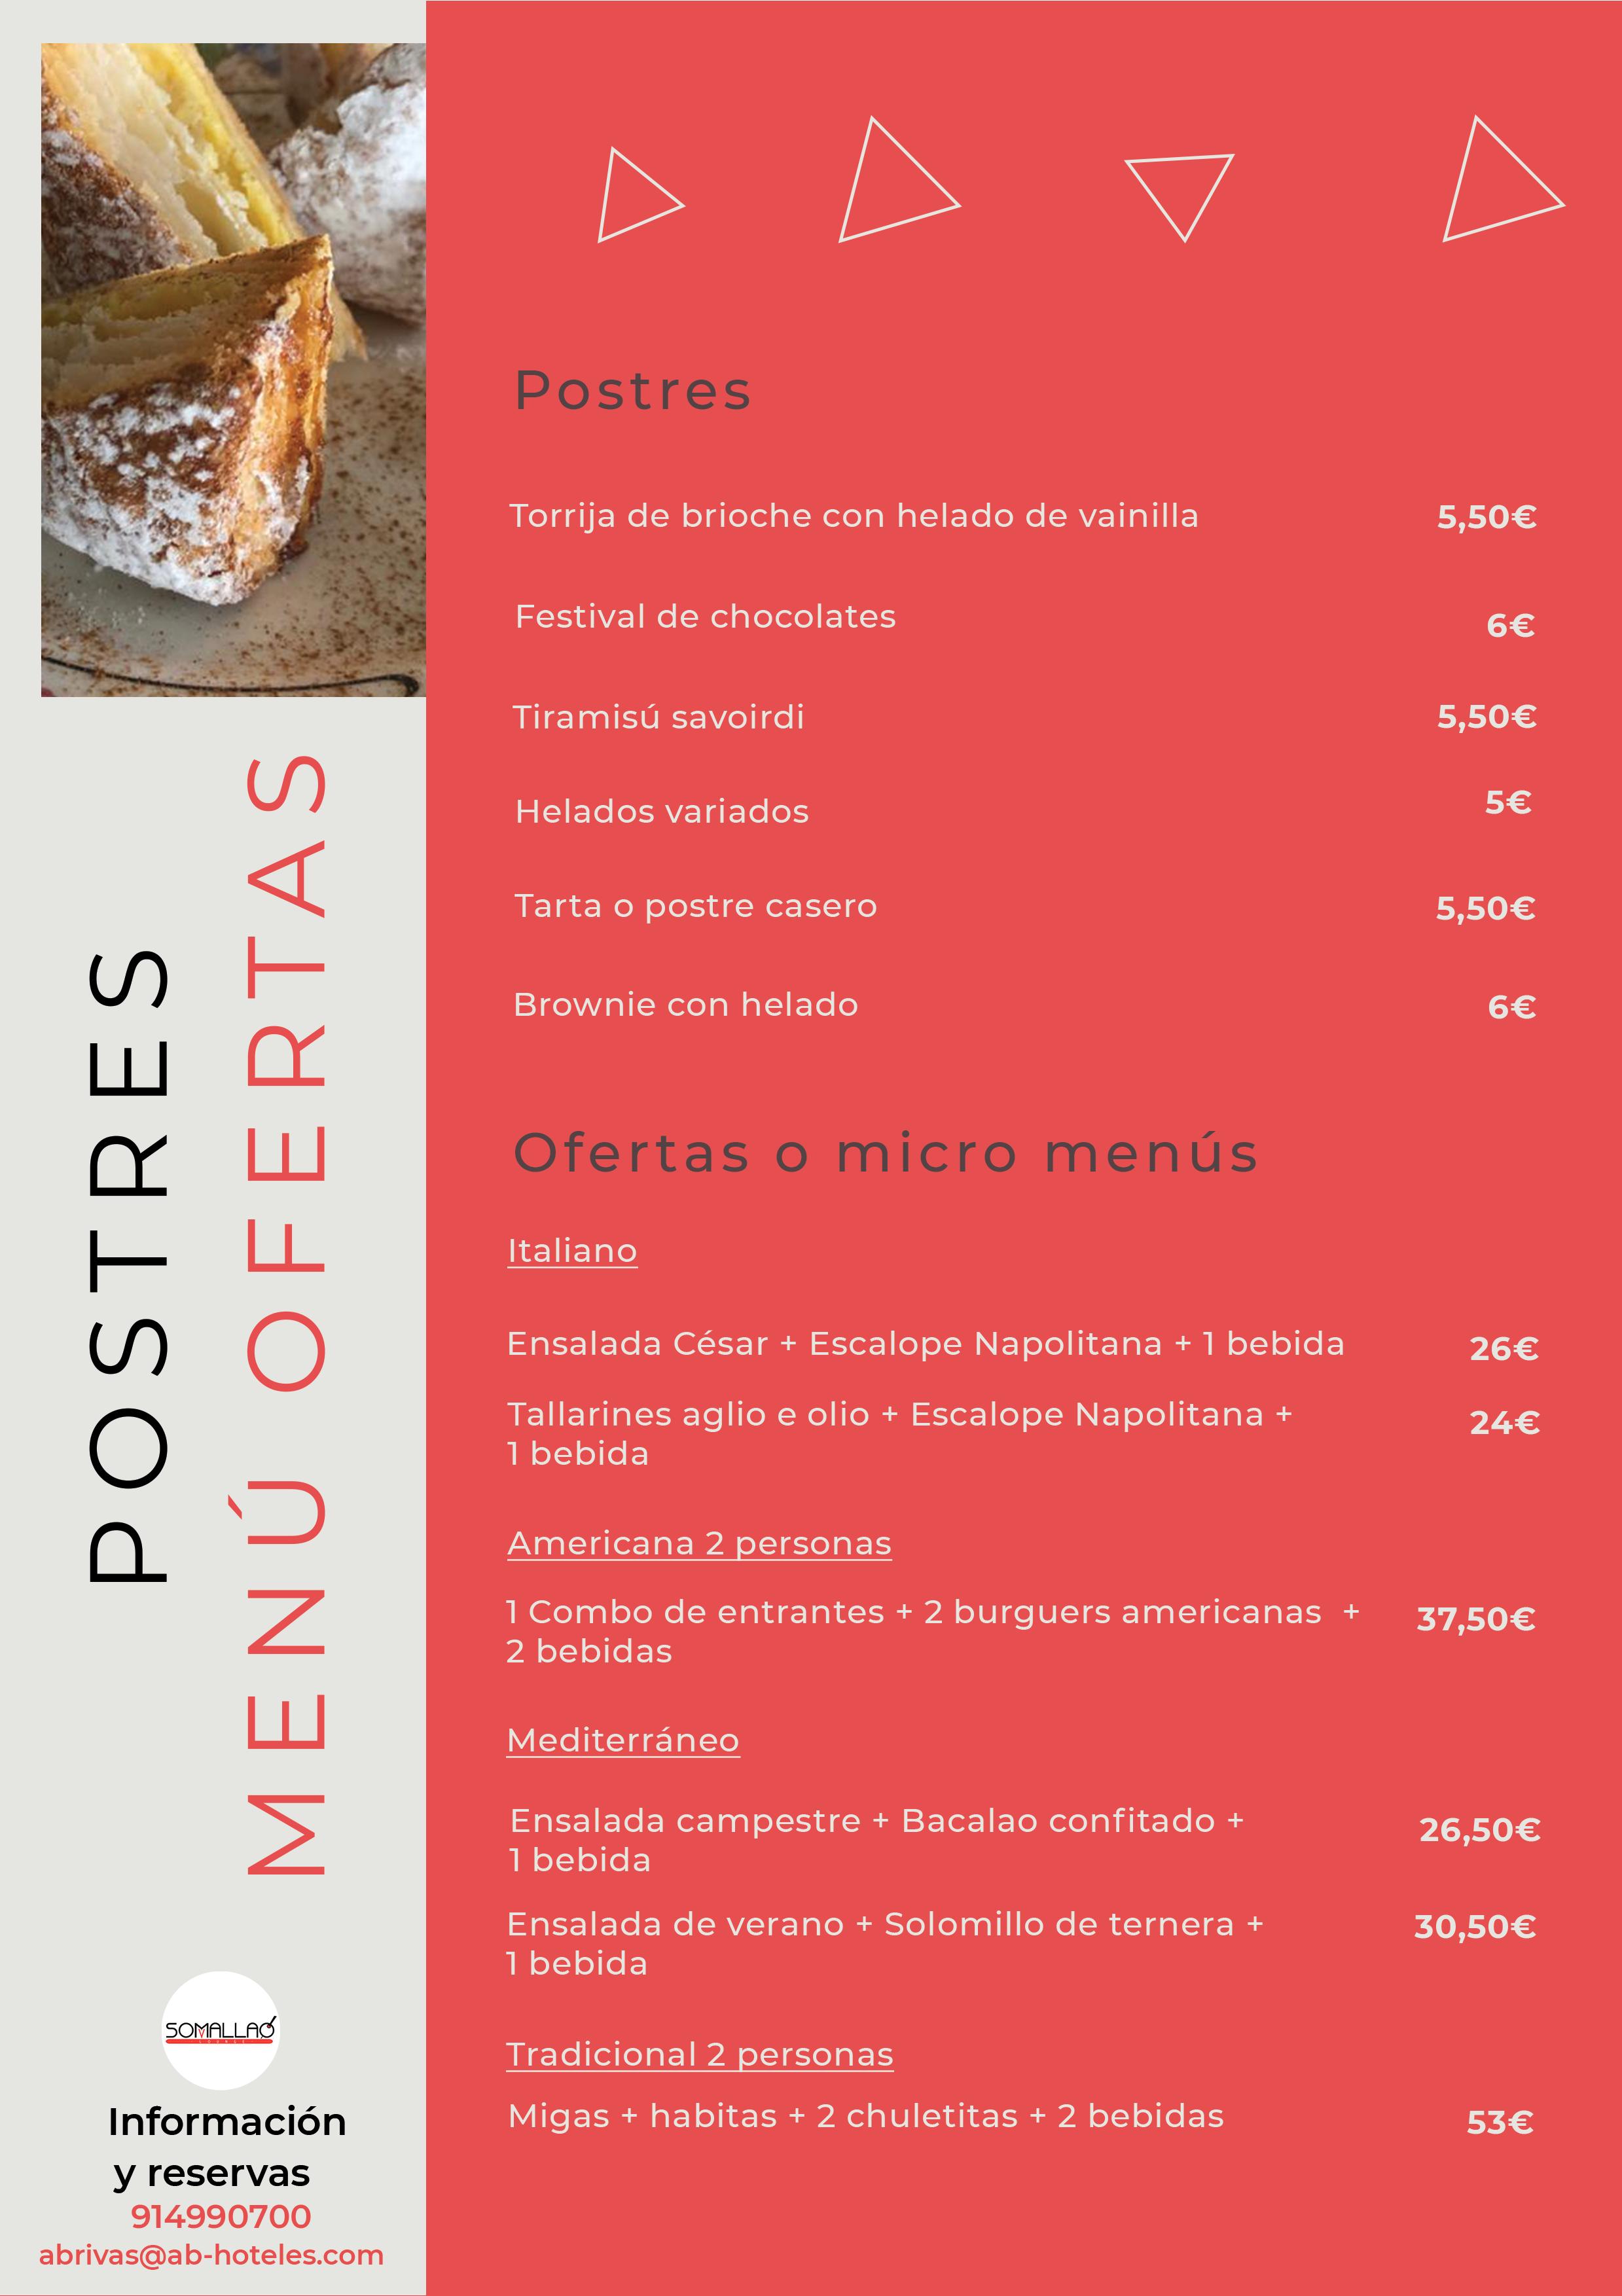 5. POSTRES Y OFERTAS MICRO MENÚS.png